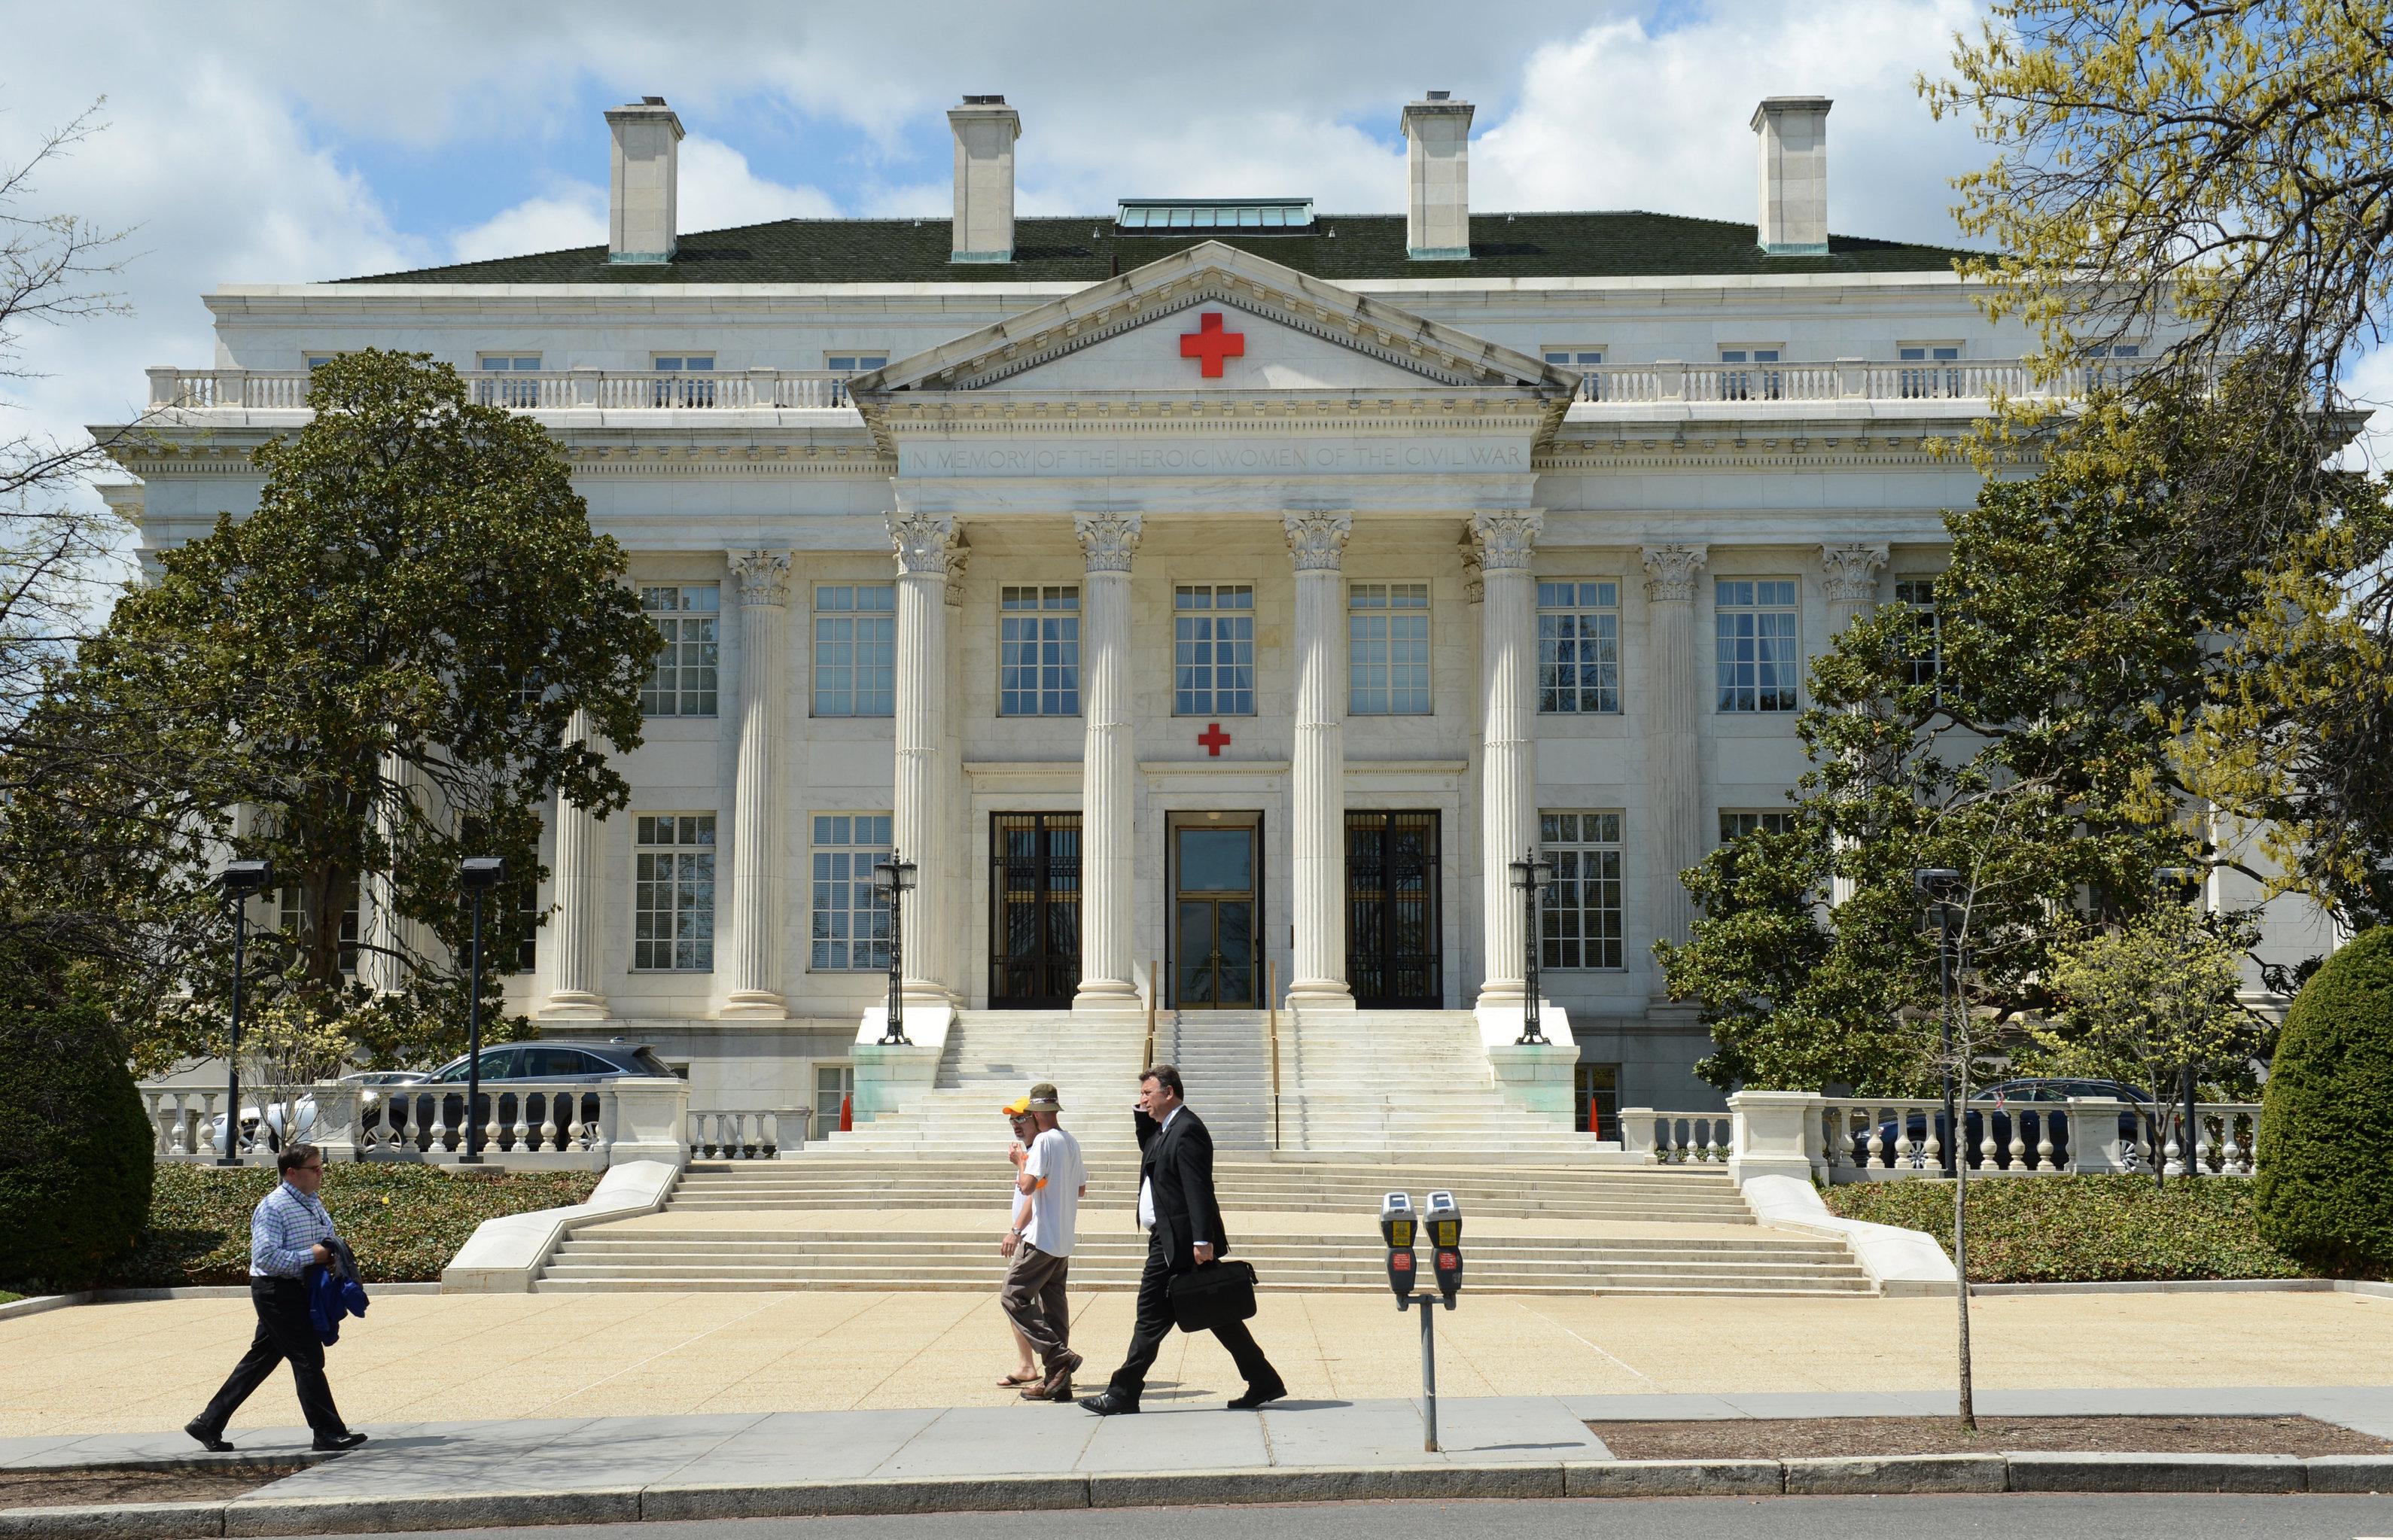 Здание американского Красного Креста в Вашингтоне